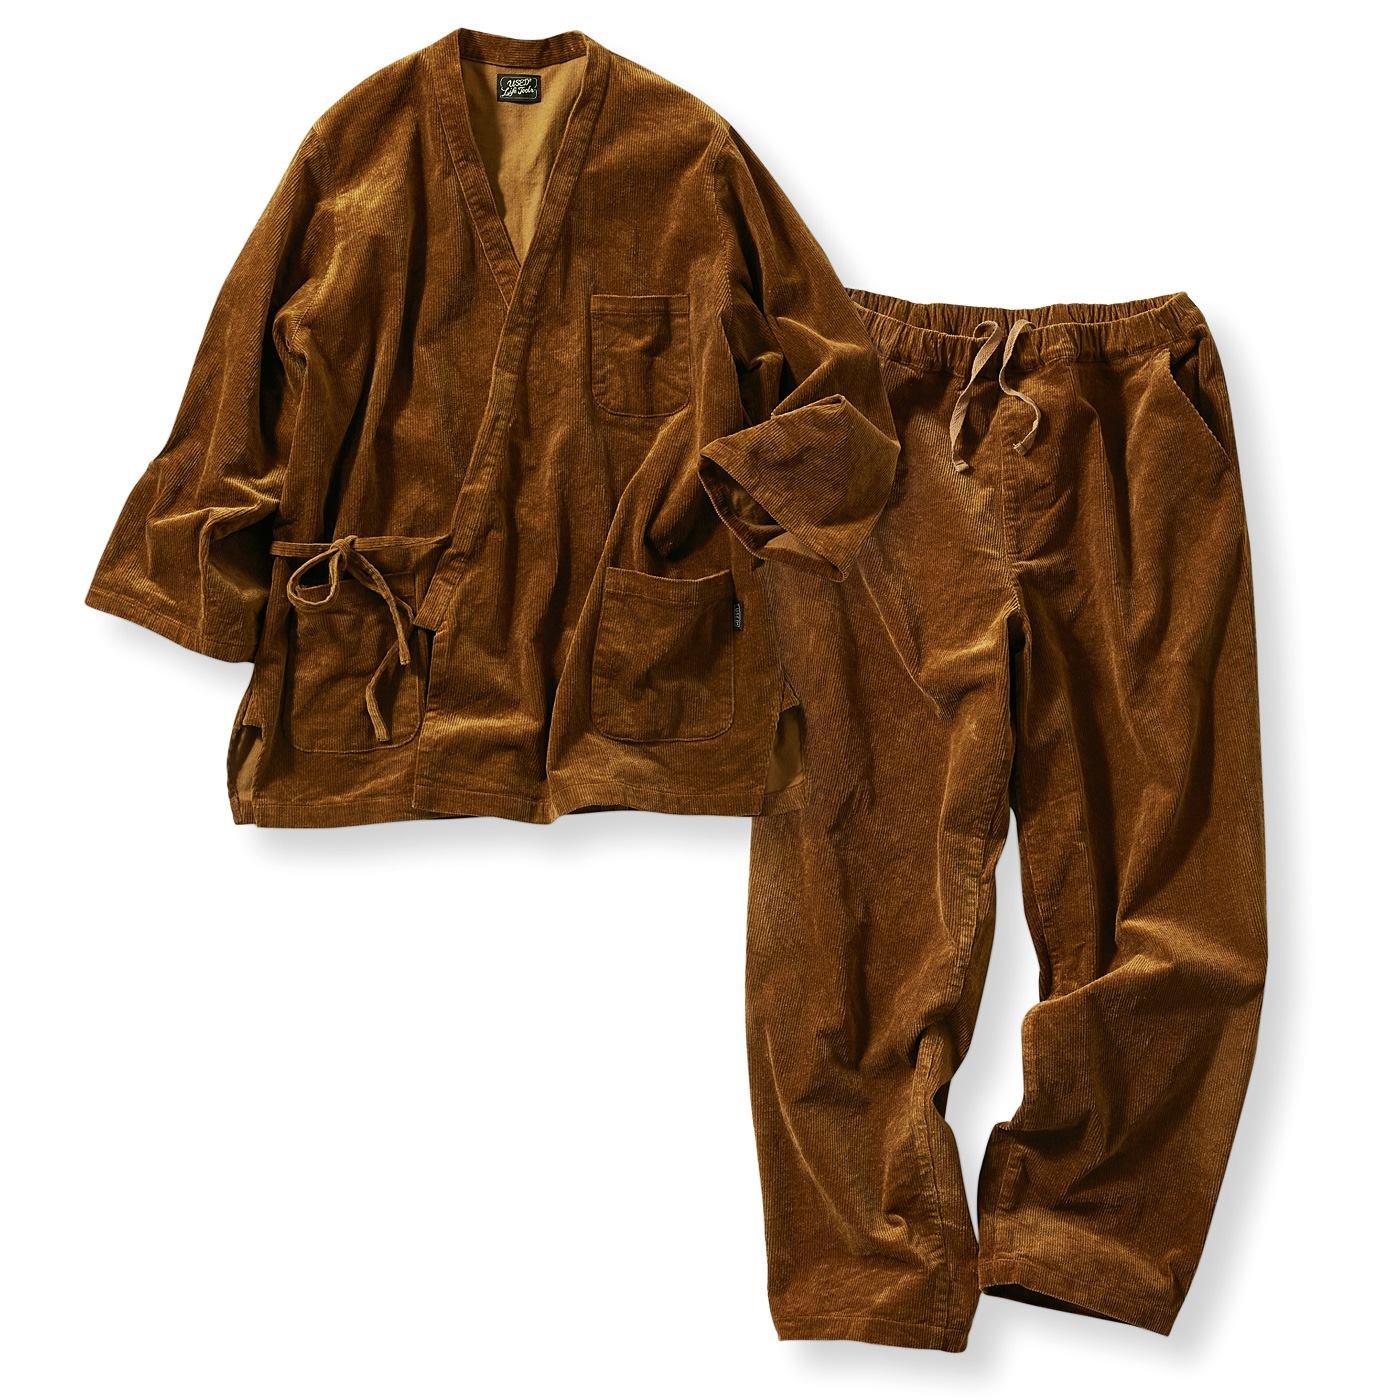 古着屋さんで見つけたような細畝(ほそうね)コーデュロイ作務衣〈珈琲ブラウン〉